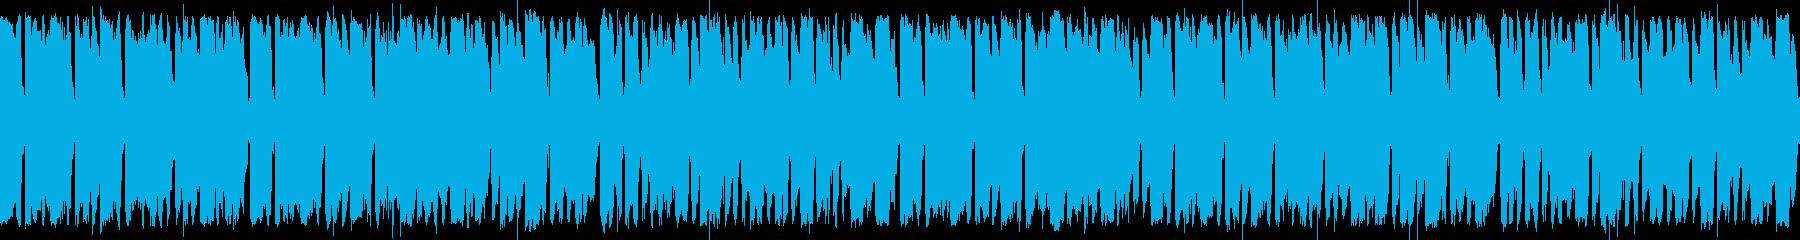 ケルト音楽風ループ BGMの再生済みの波形